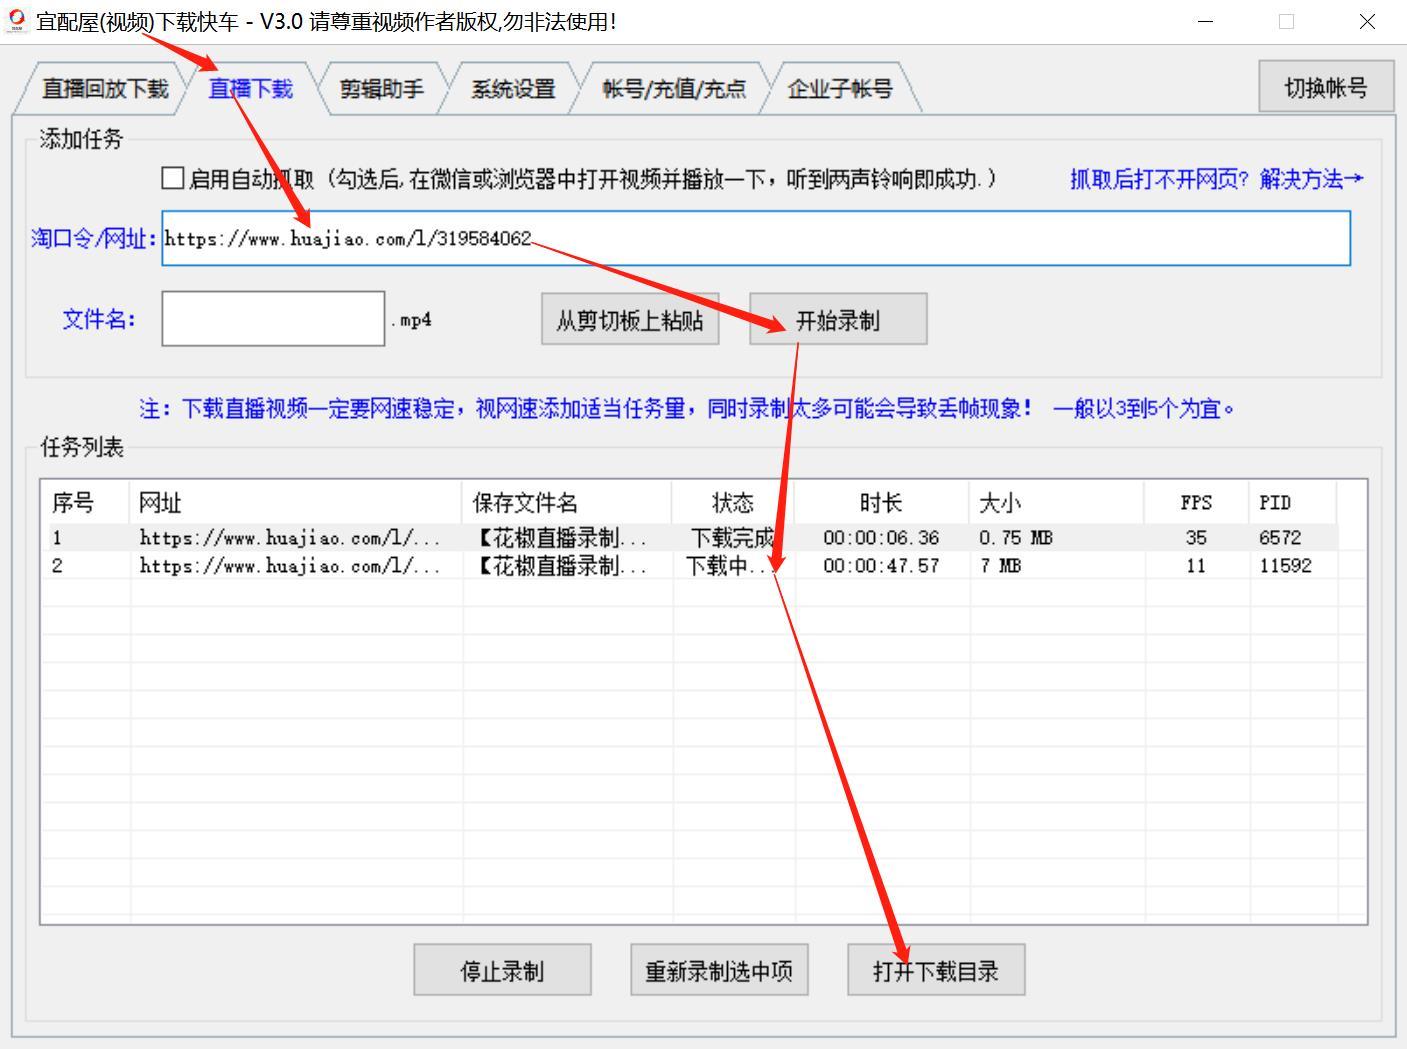 最新花椒直播视频下载方法-01.jpg